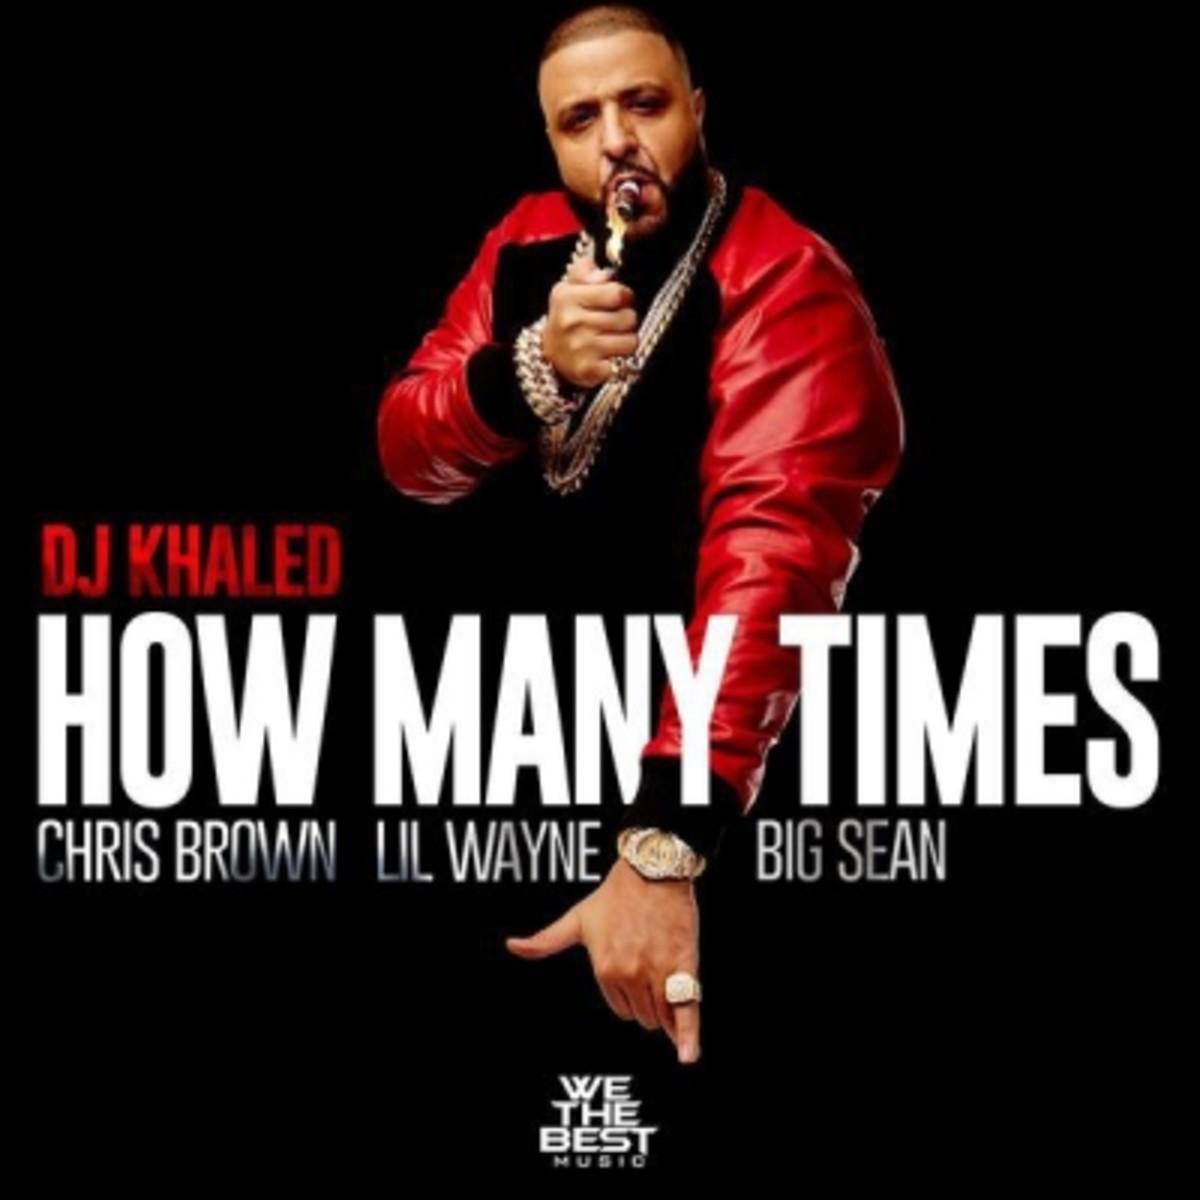 dj-khaled-how-many-times.jpg